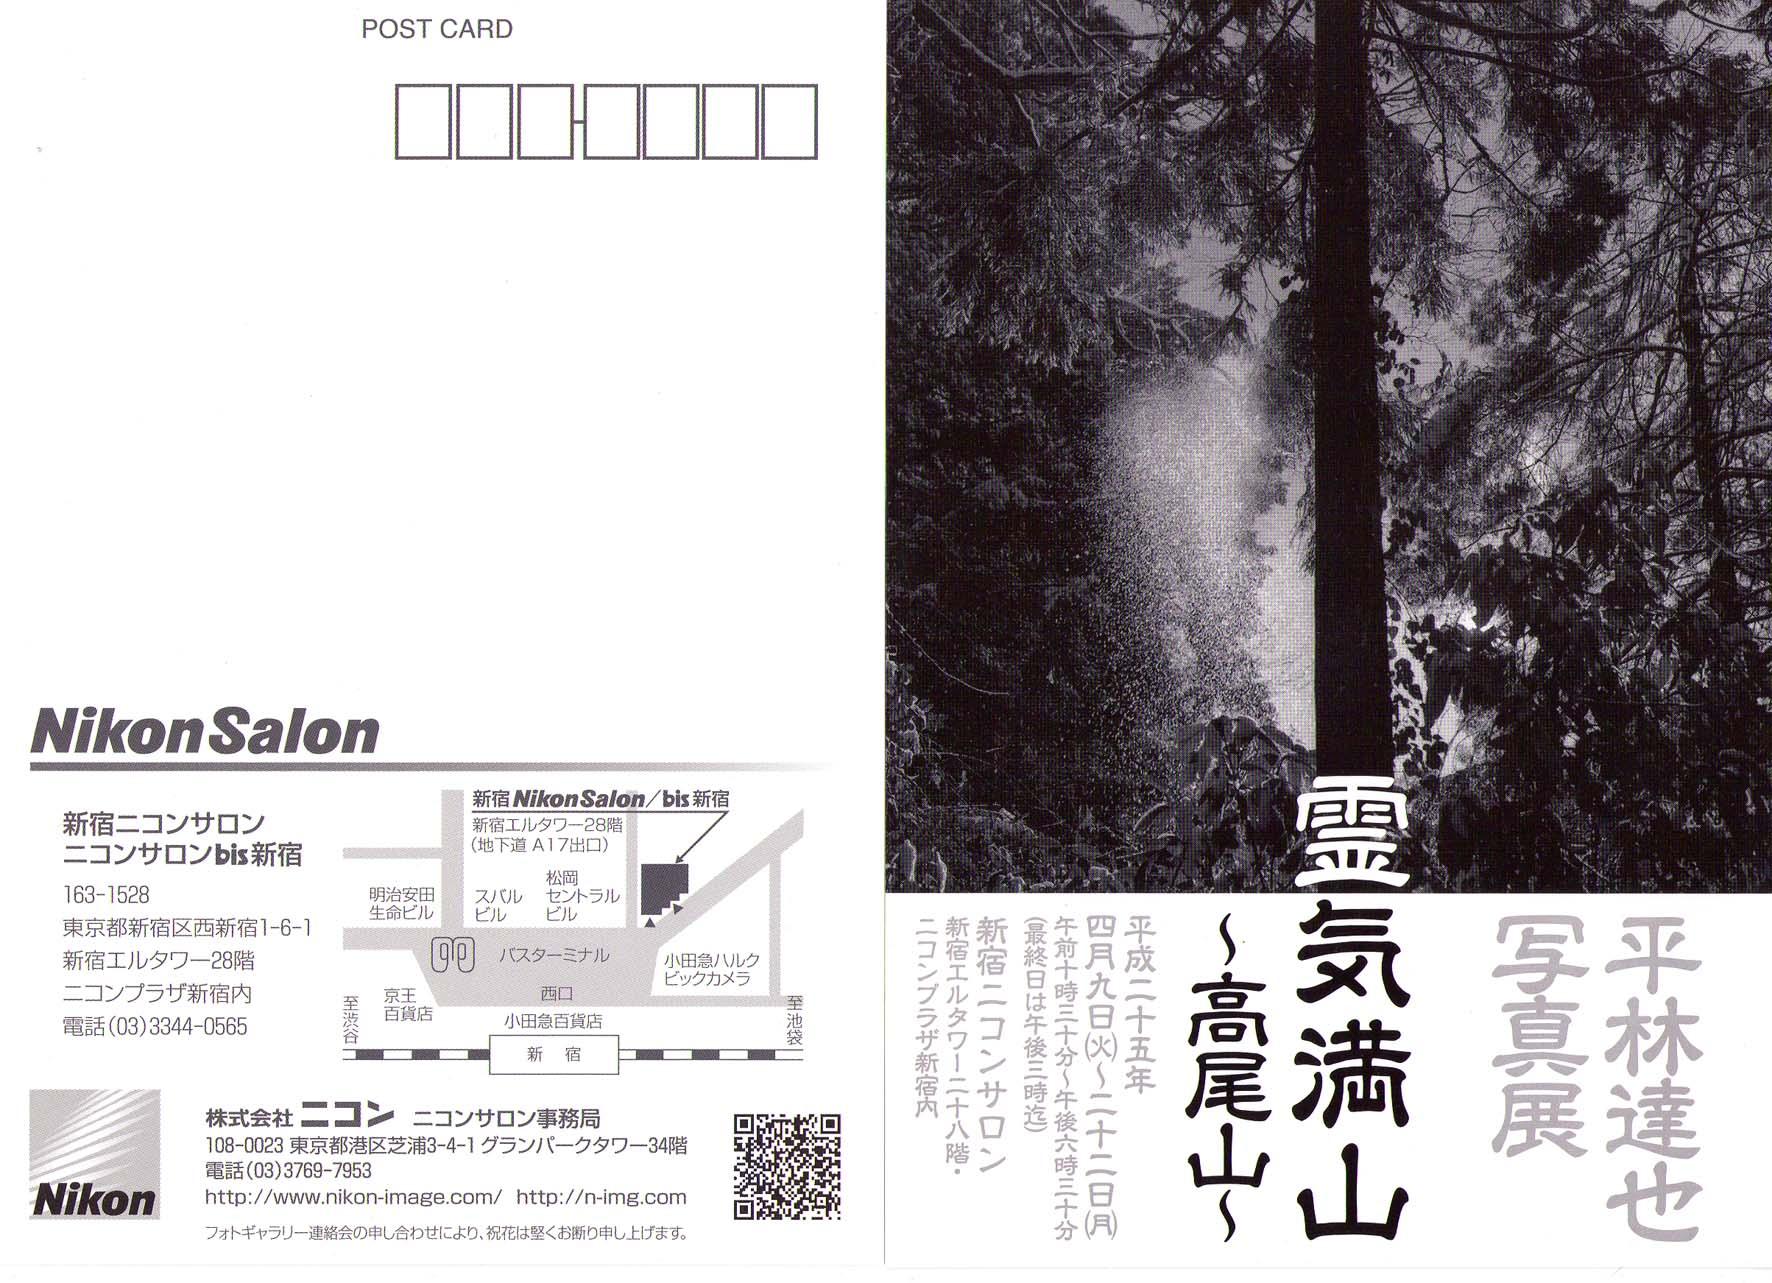 とにかくプリントが素晴らしいです!詳細はhttp://www.nikon-image.com/support/showroom/shinjuku/でご覧ください。